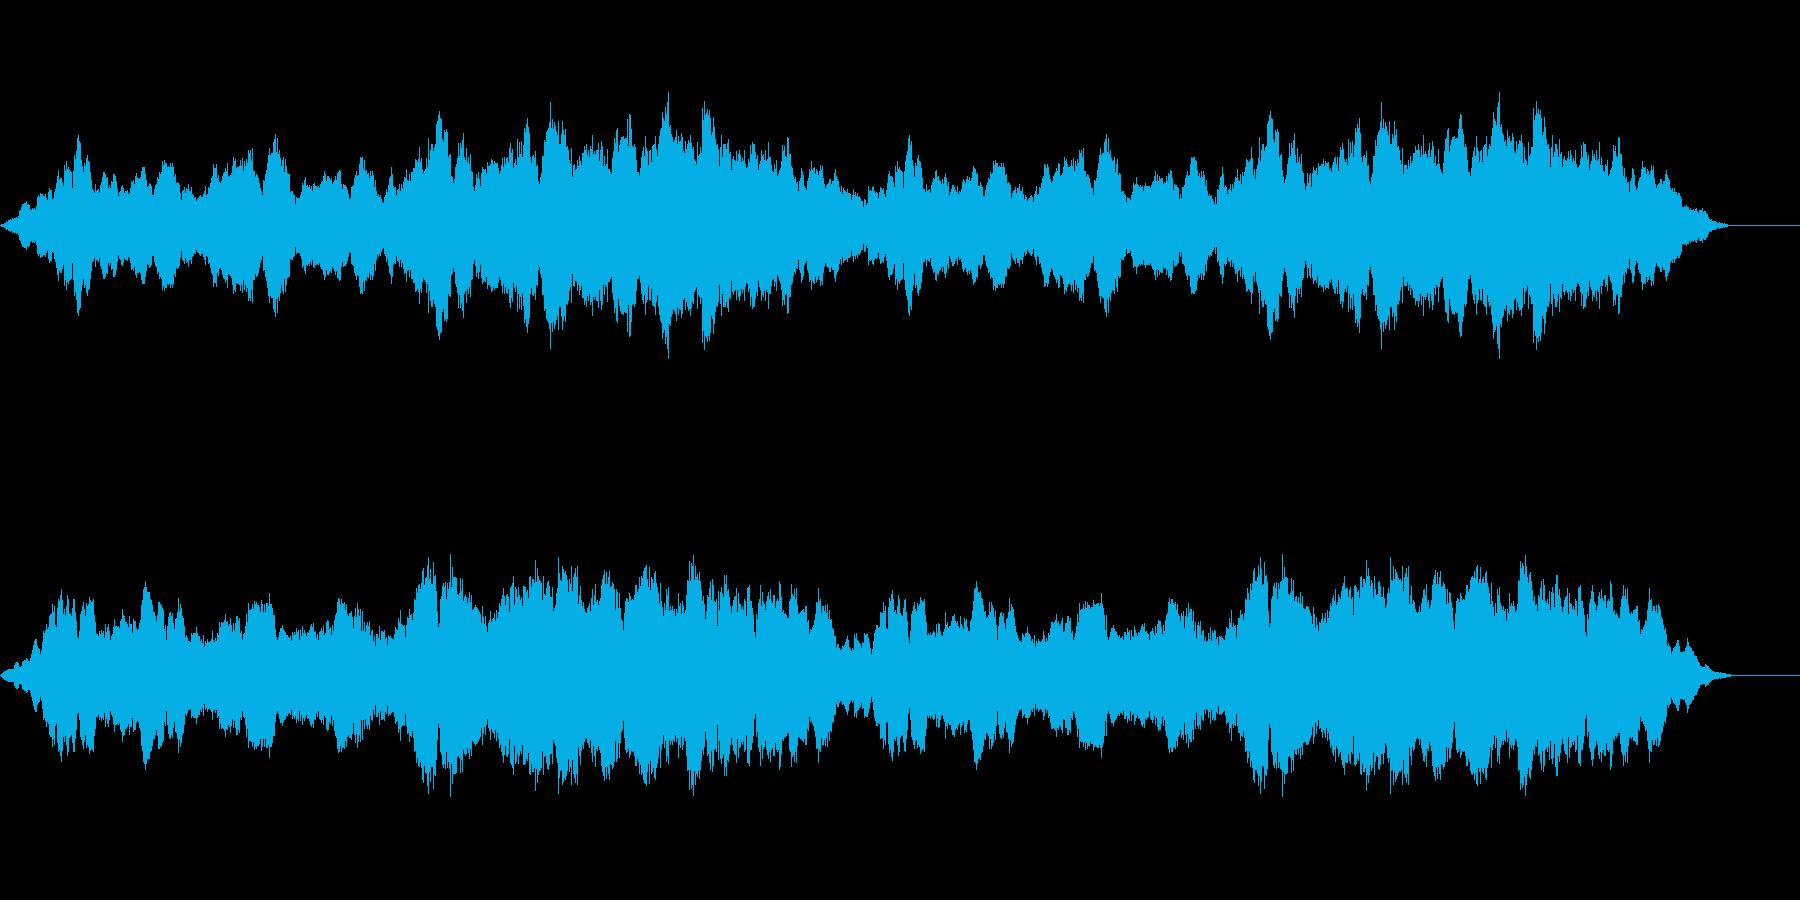 忍び寄る真夏のホラーアンビエントの再生済みの波形